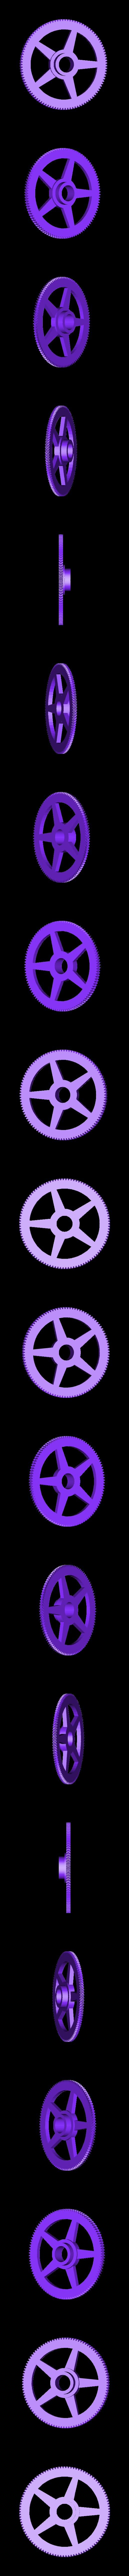 SaturnGearIn106T.stl Télécharger fichier SCAD gratuit Planétarium mécanique • Plan pour impression 3D, Zippityboomba